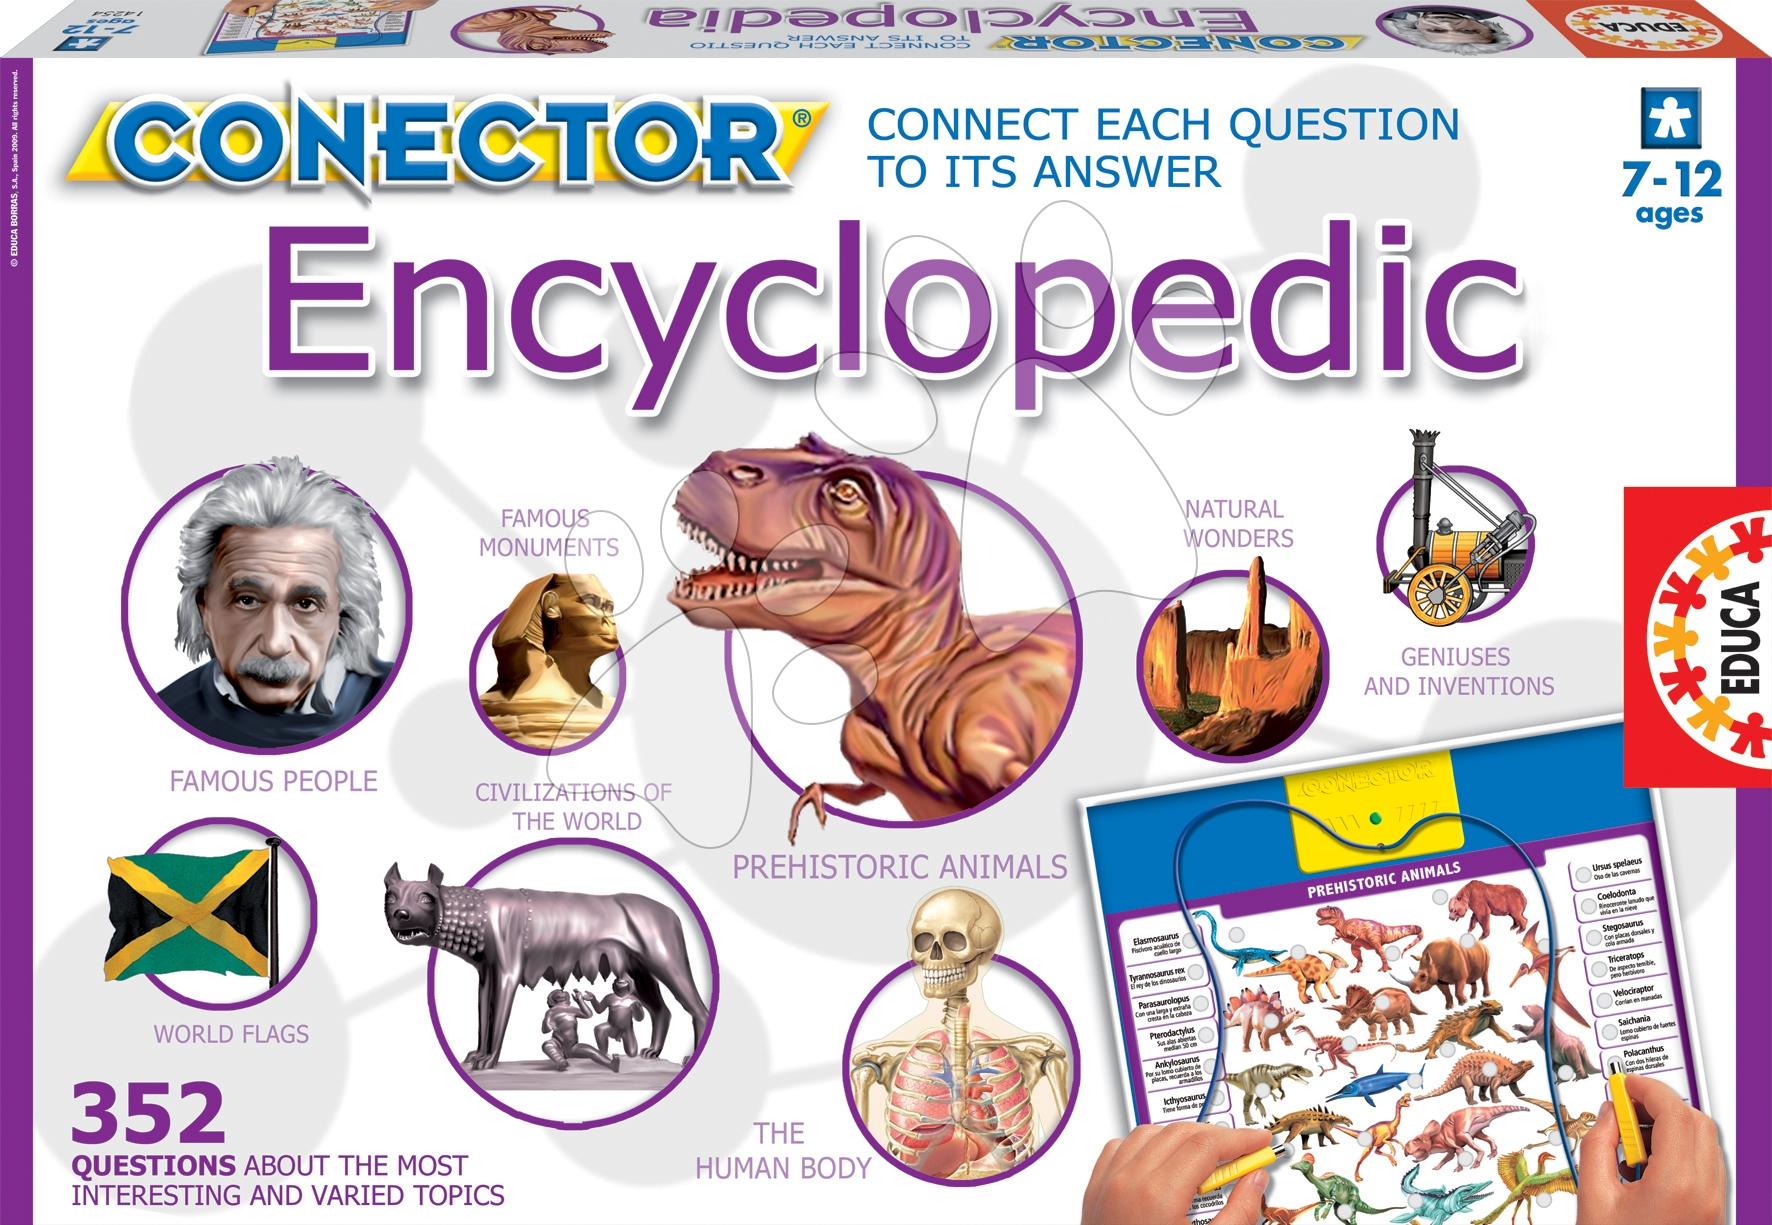 Cudzojazyčné spoločenské hry - Náučná hra Conector Encyclopedic Educa 352 otázok v angličtine od 6 rokov